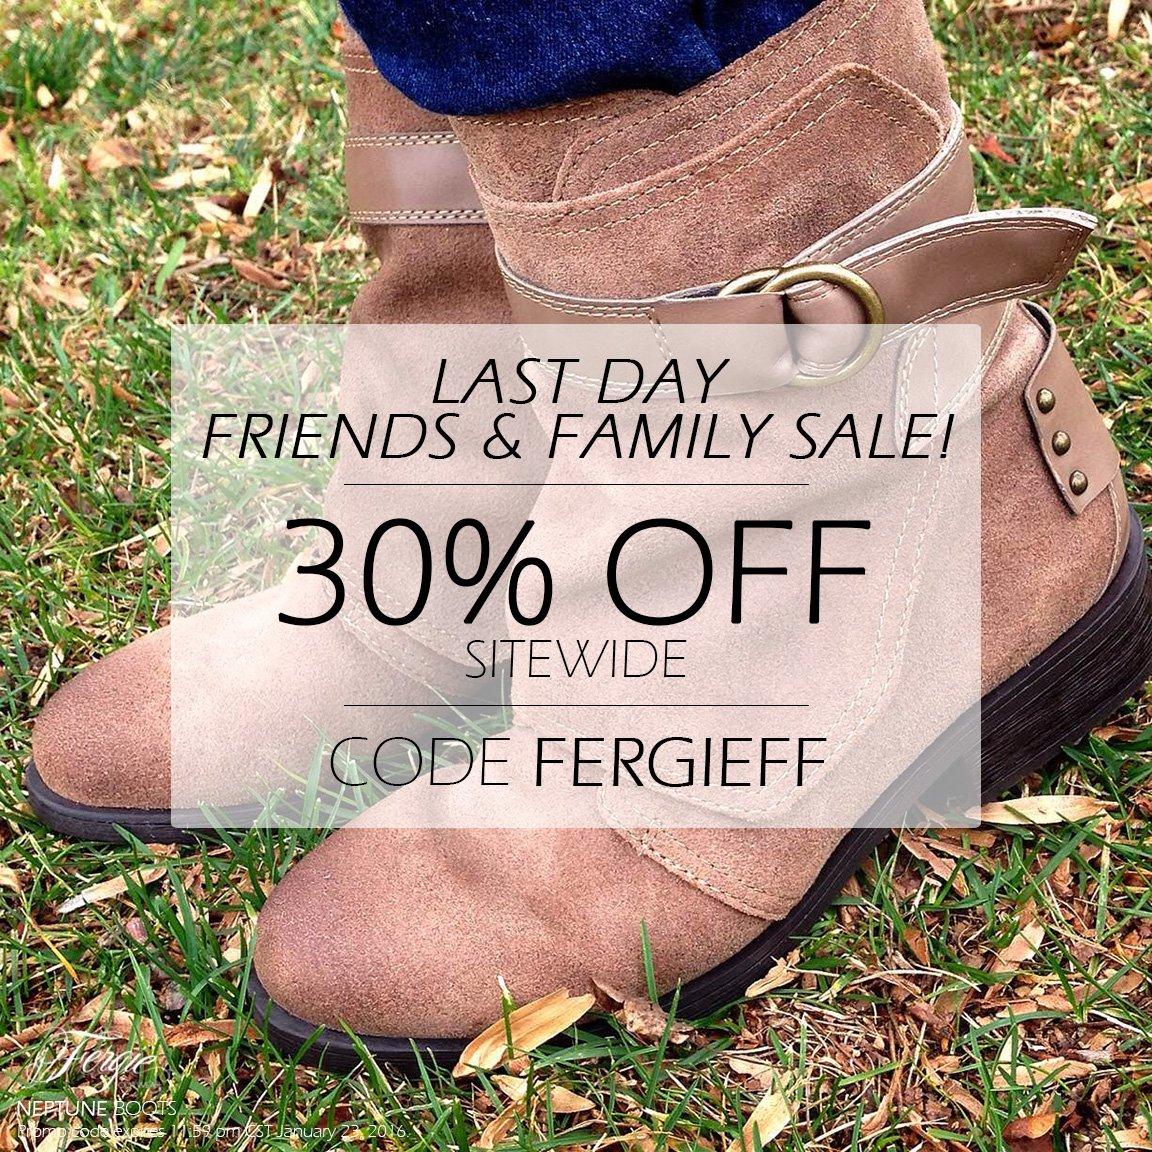 RT @FergieFootwear: #LastDay! Take 30% OFF during the @Fergie #FriendsAndFamily #ShoeSale w/ #promocode FERGIEFF!https://t.co/YYKsJG8ljr ht…